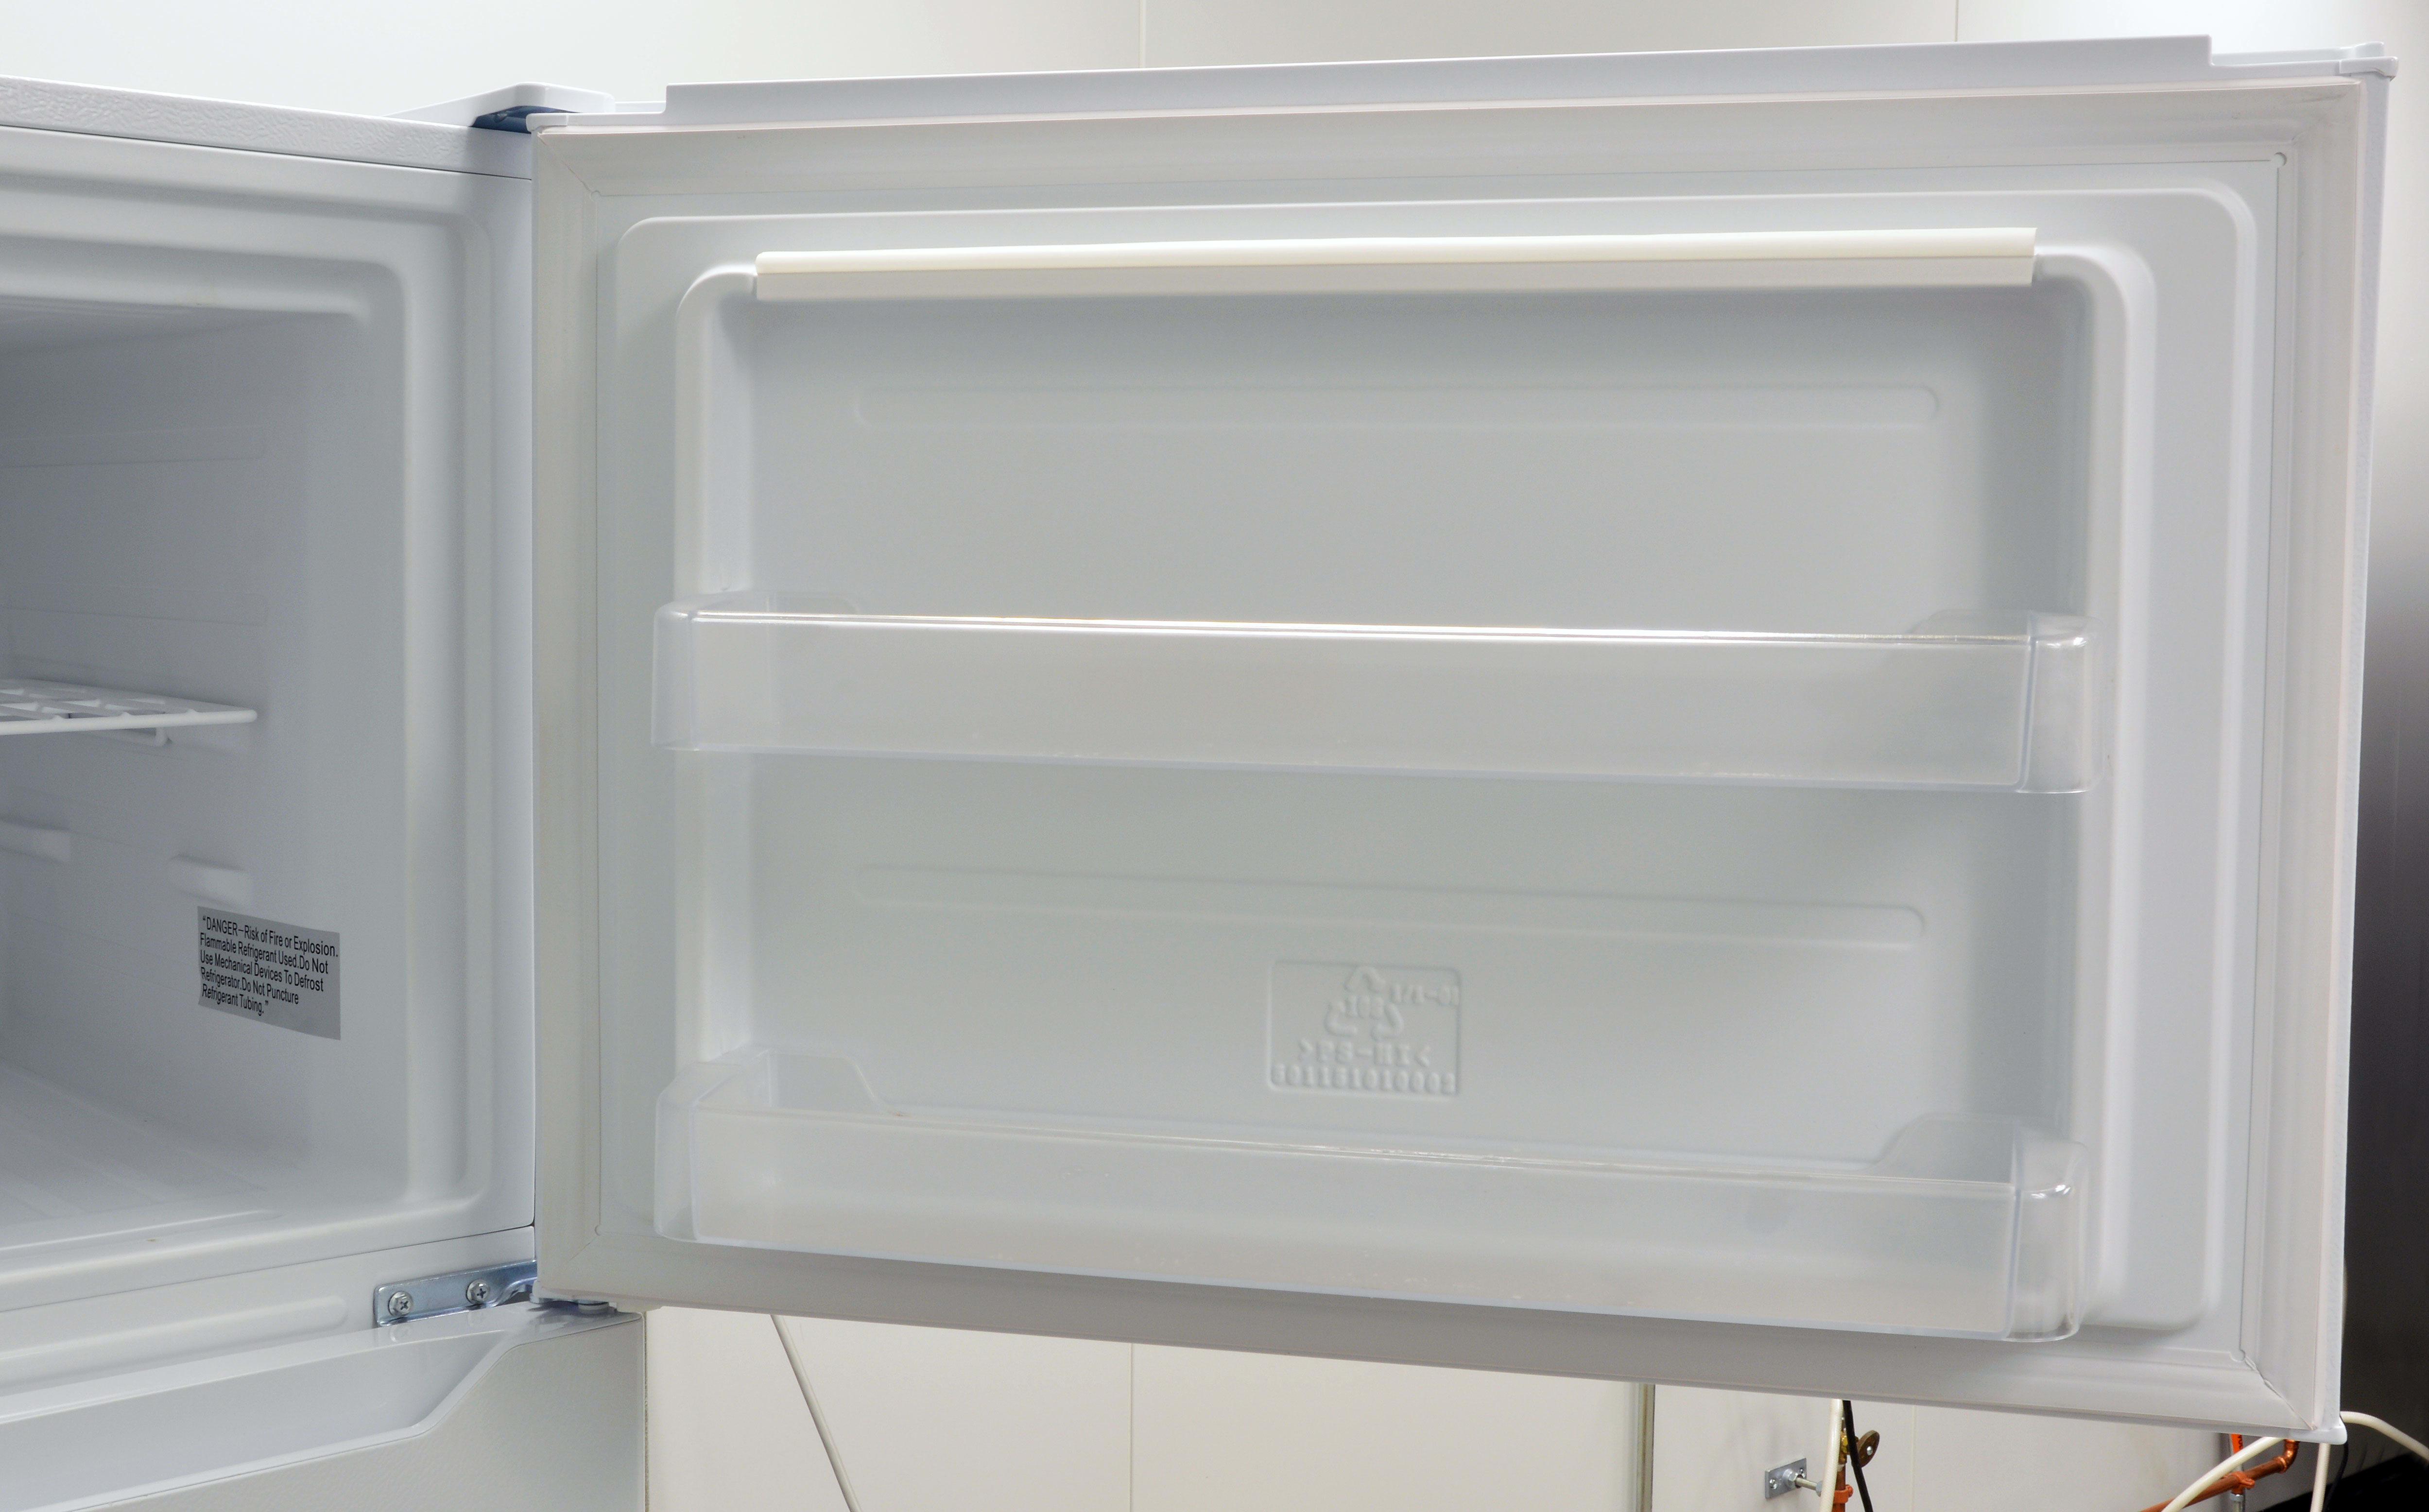 Some shallow door shelves supplement the freezer.